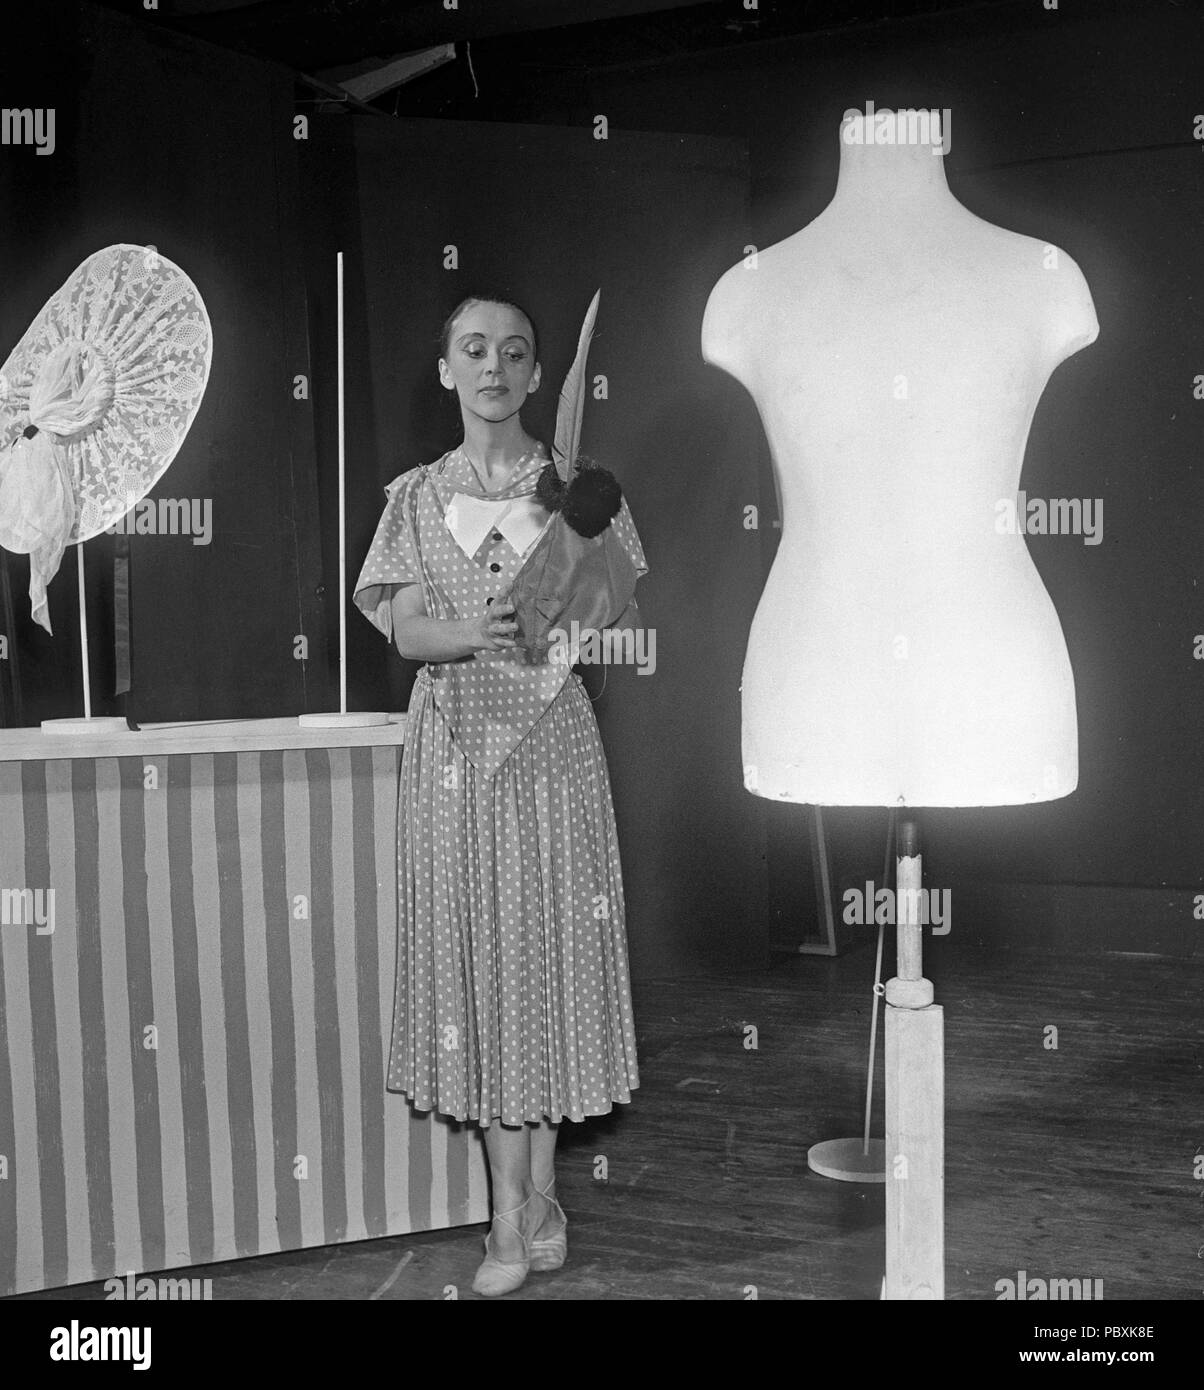 Sonst Fisher Bergman, 1918-2006. Schwedische Tänzerin. Verheiratet mit Ingmar Bergman zwischen 1943-1946 als seine erste Frau. Hier im Bild auf der Bühne in einem 1950er Jahre theater Produktion. Foto: Kristoffersson/BA 27-12 Stockbild